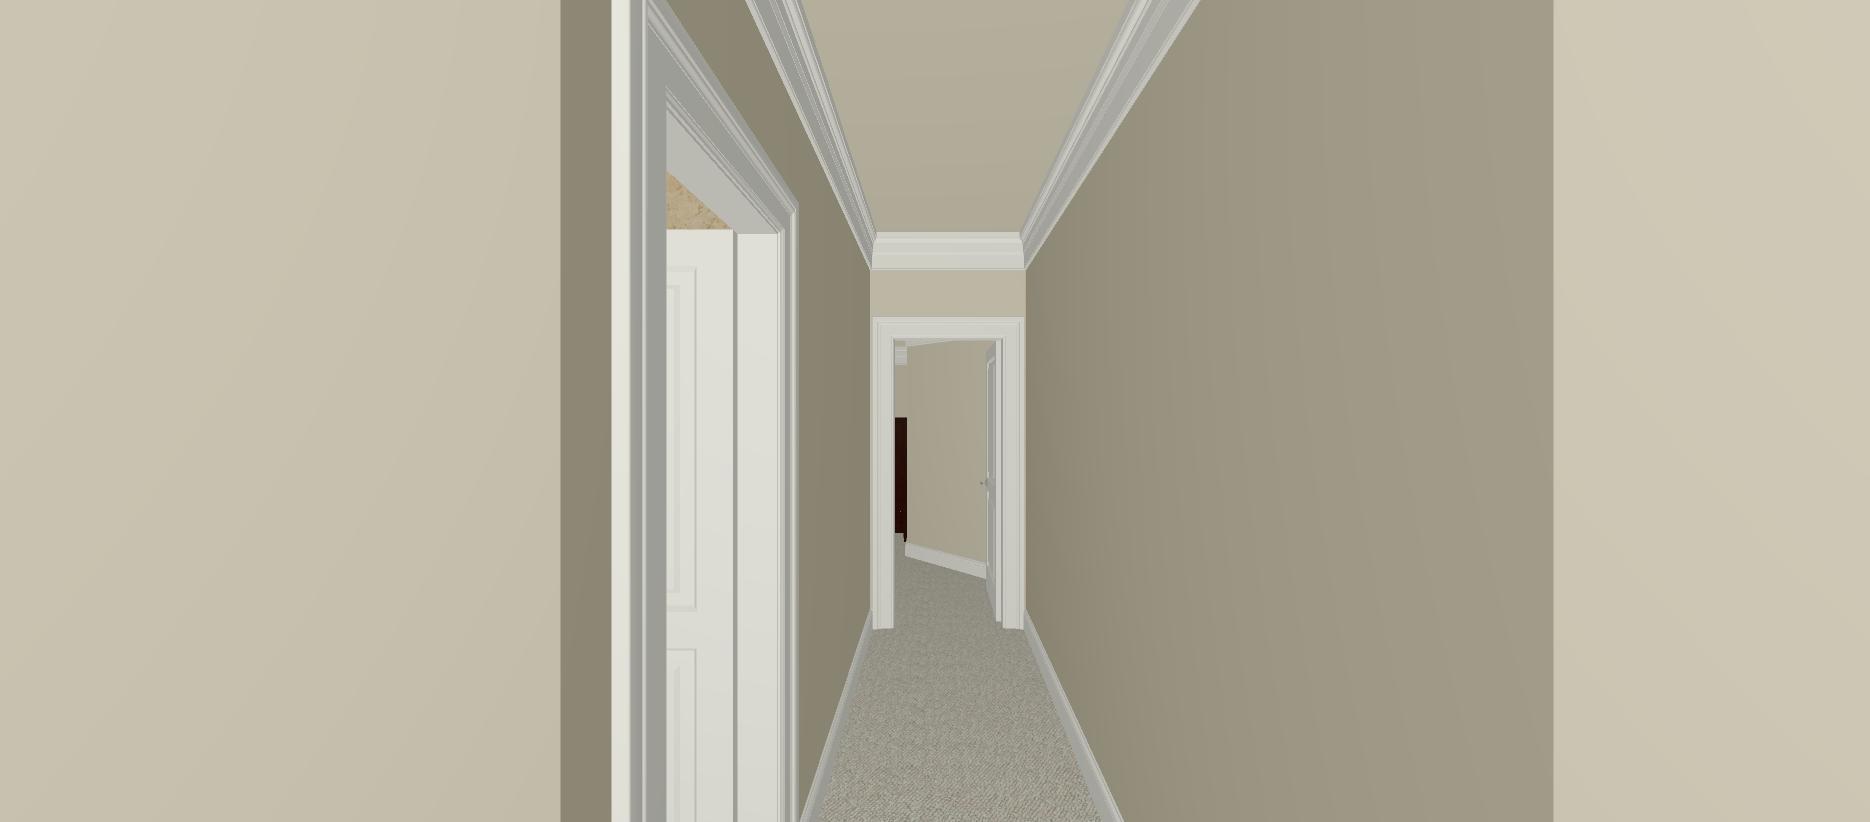 Render 25 Hall Heading to Bedroom 3.jpg